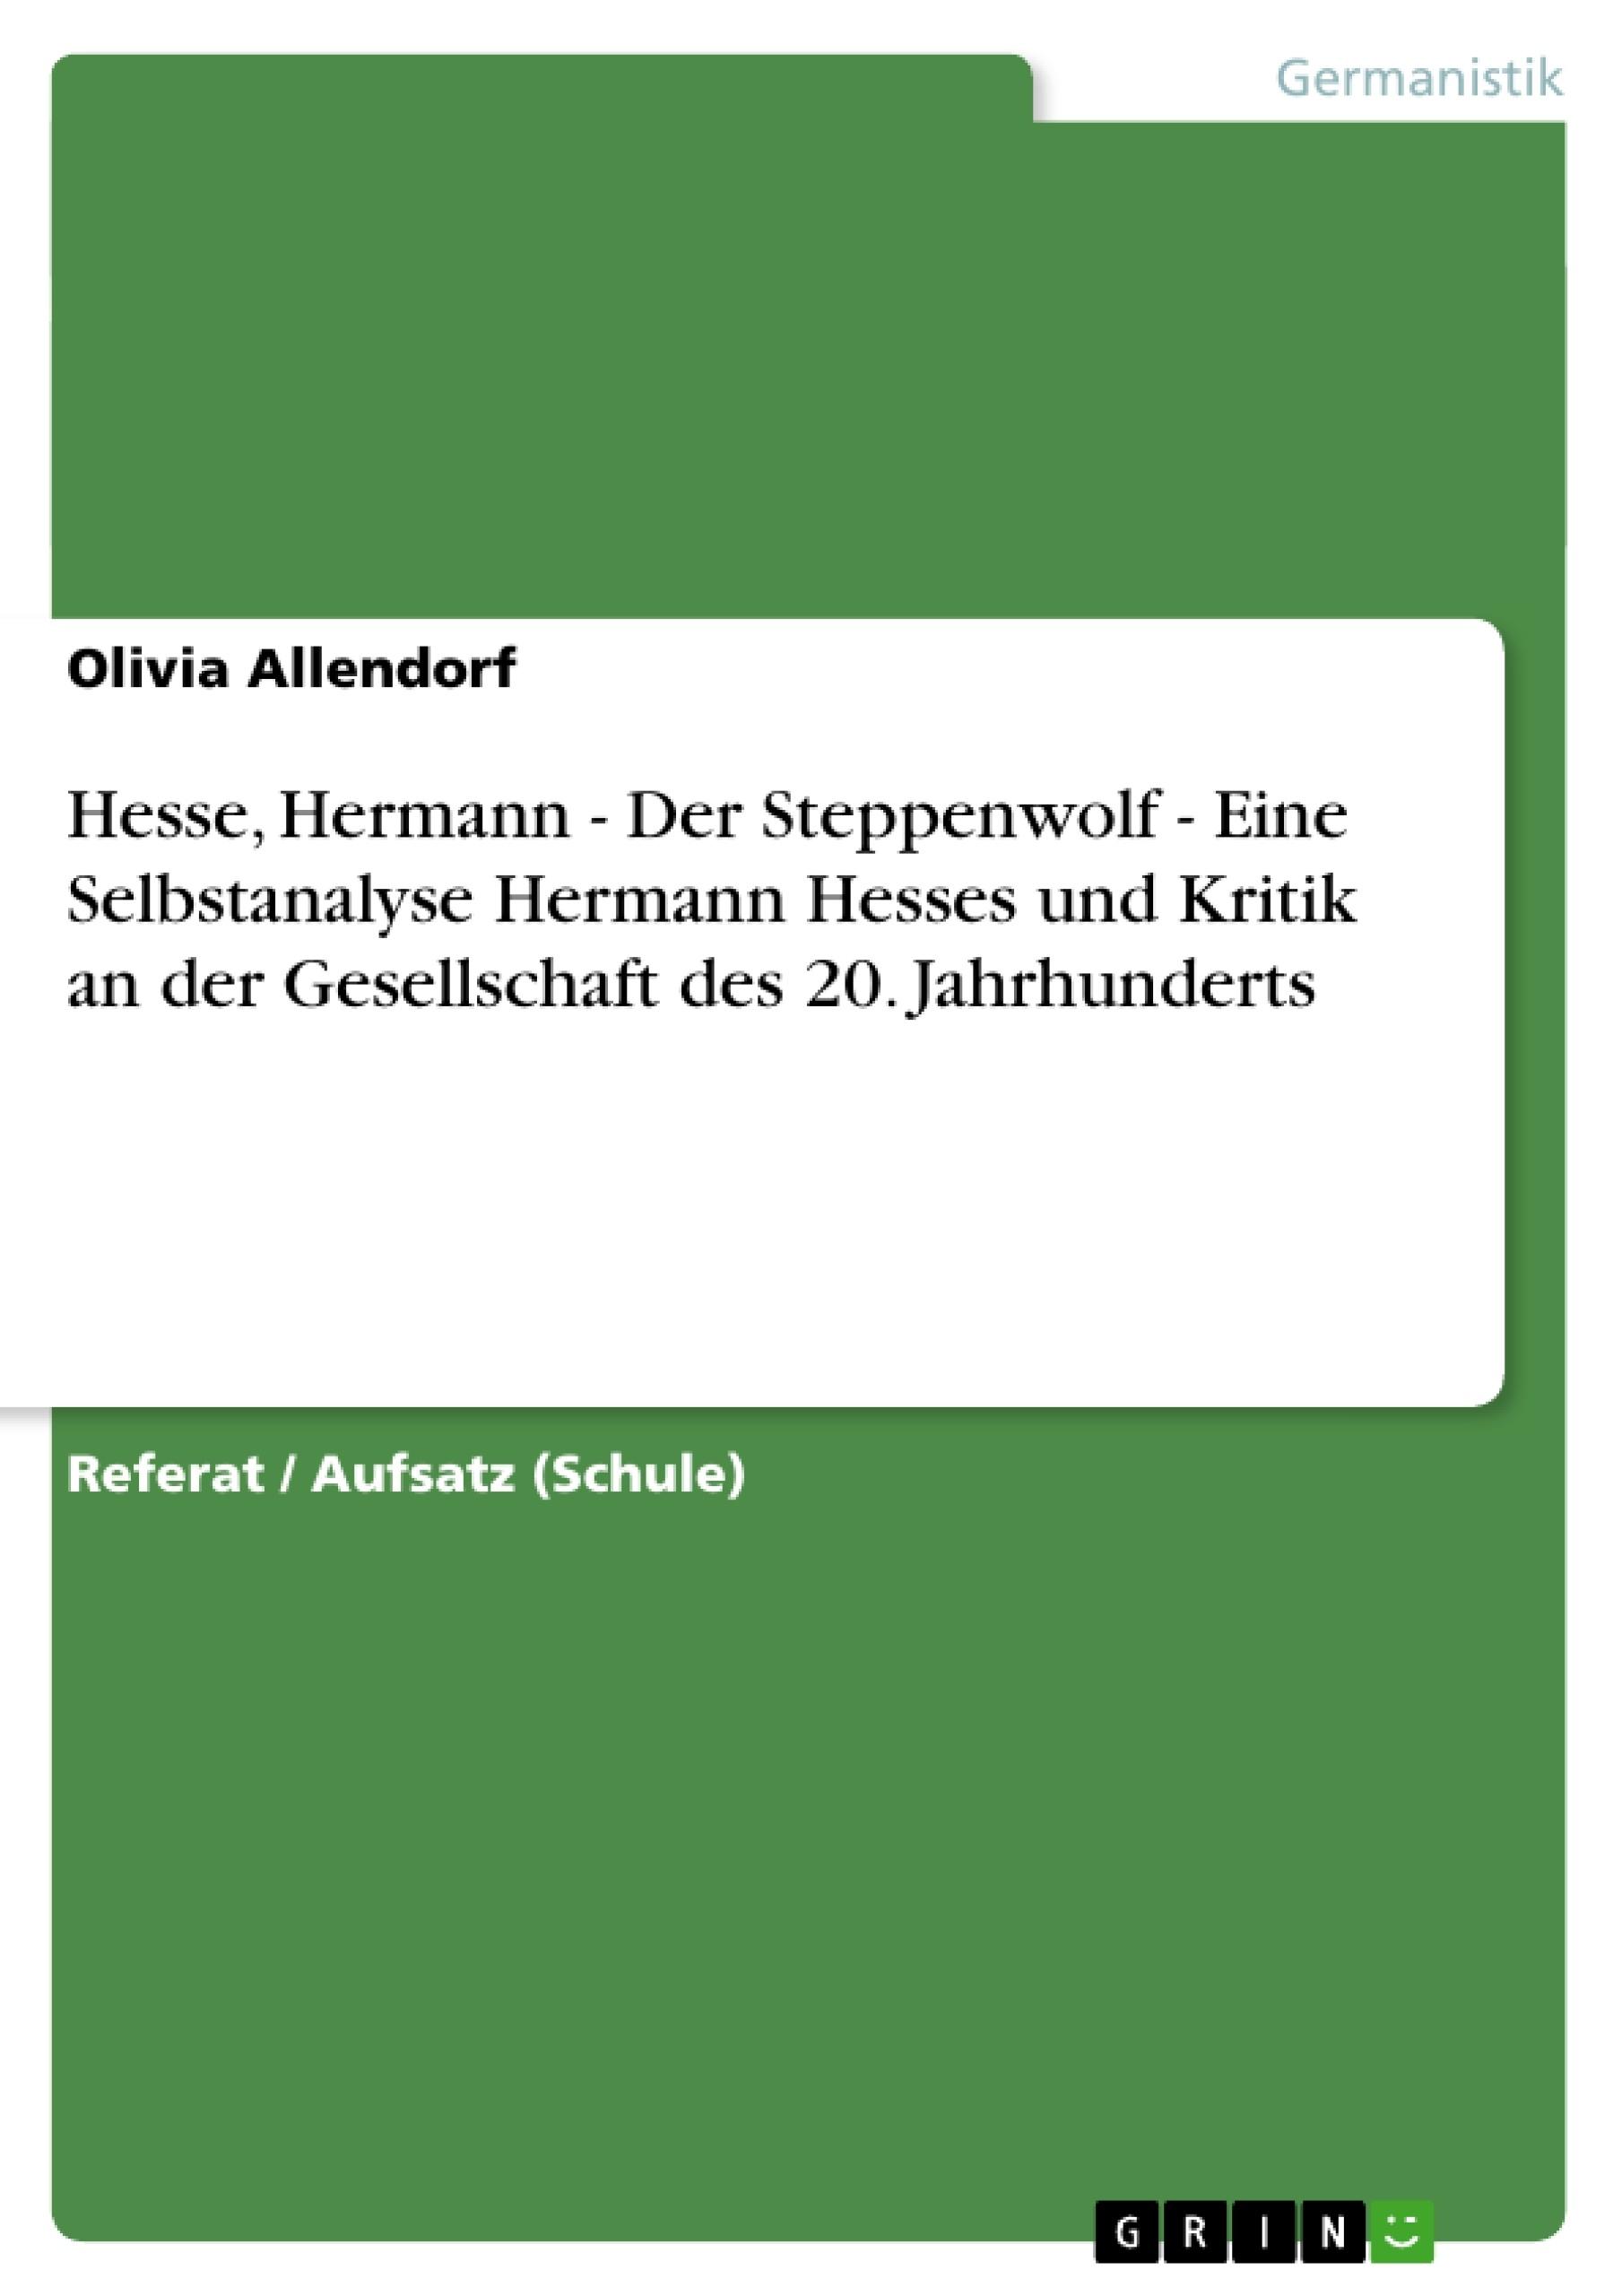 Titel: Hesse, Hermann - Der Steppenwolf - Eine Selbstanalyse Hermann Hesses und Kritik an der Gesellschaft des 20. Jahrhunderts